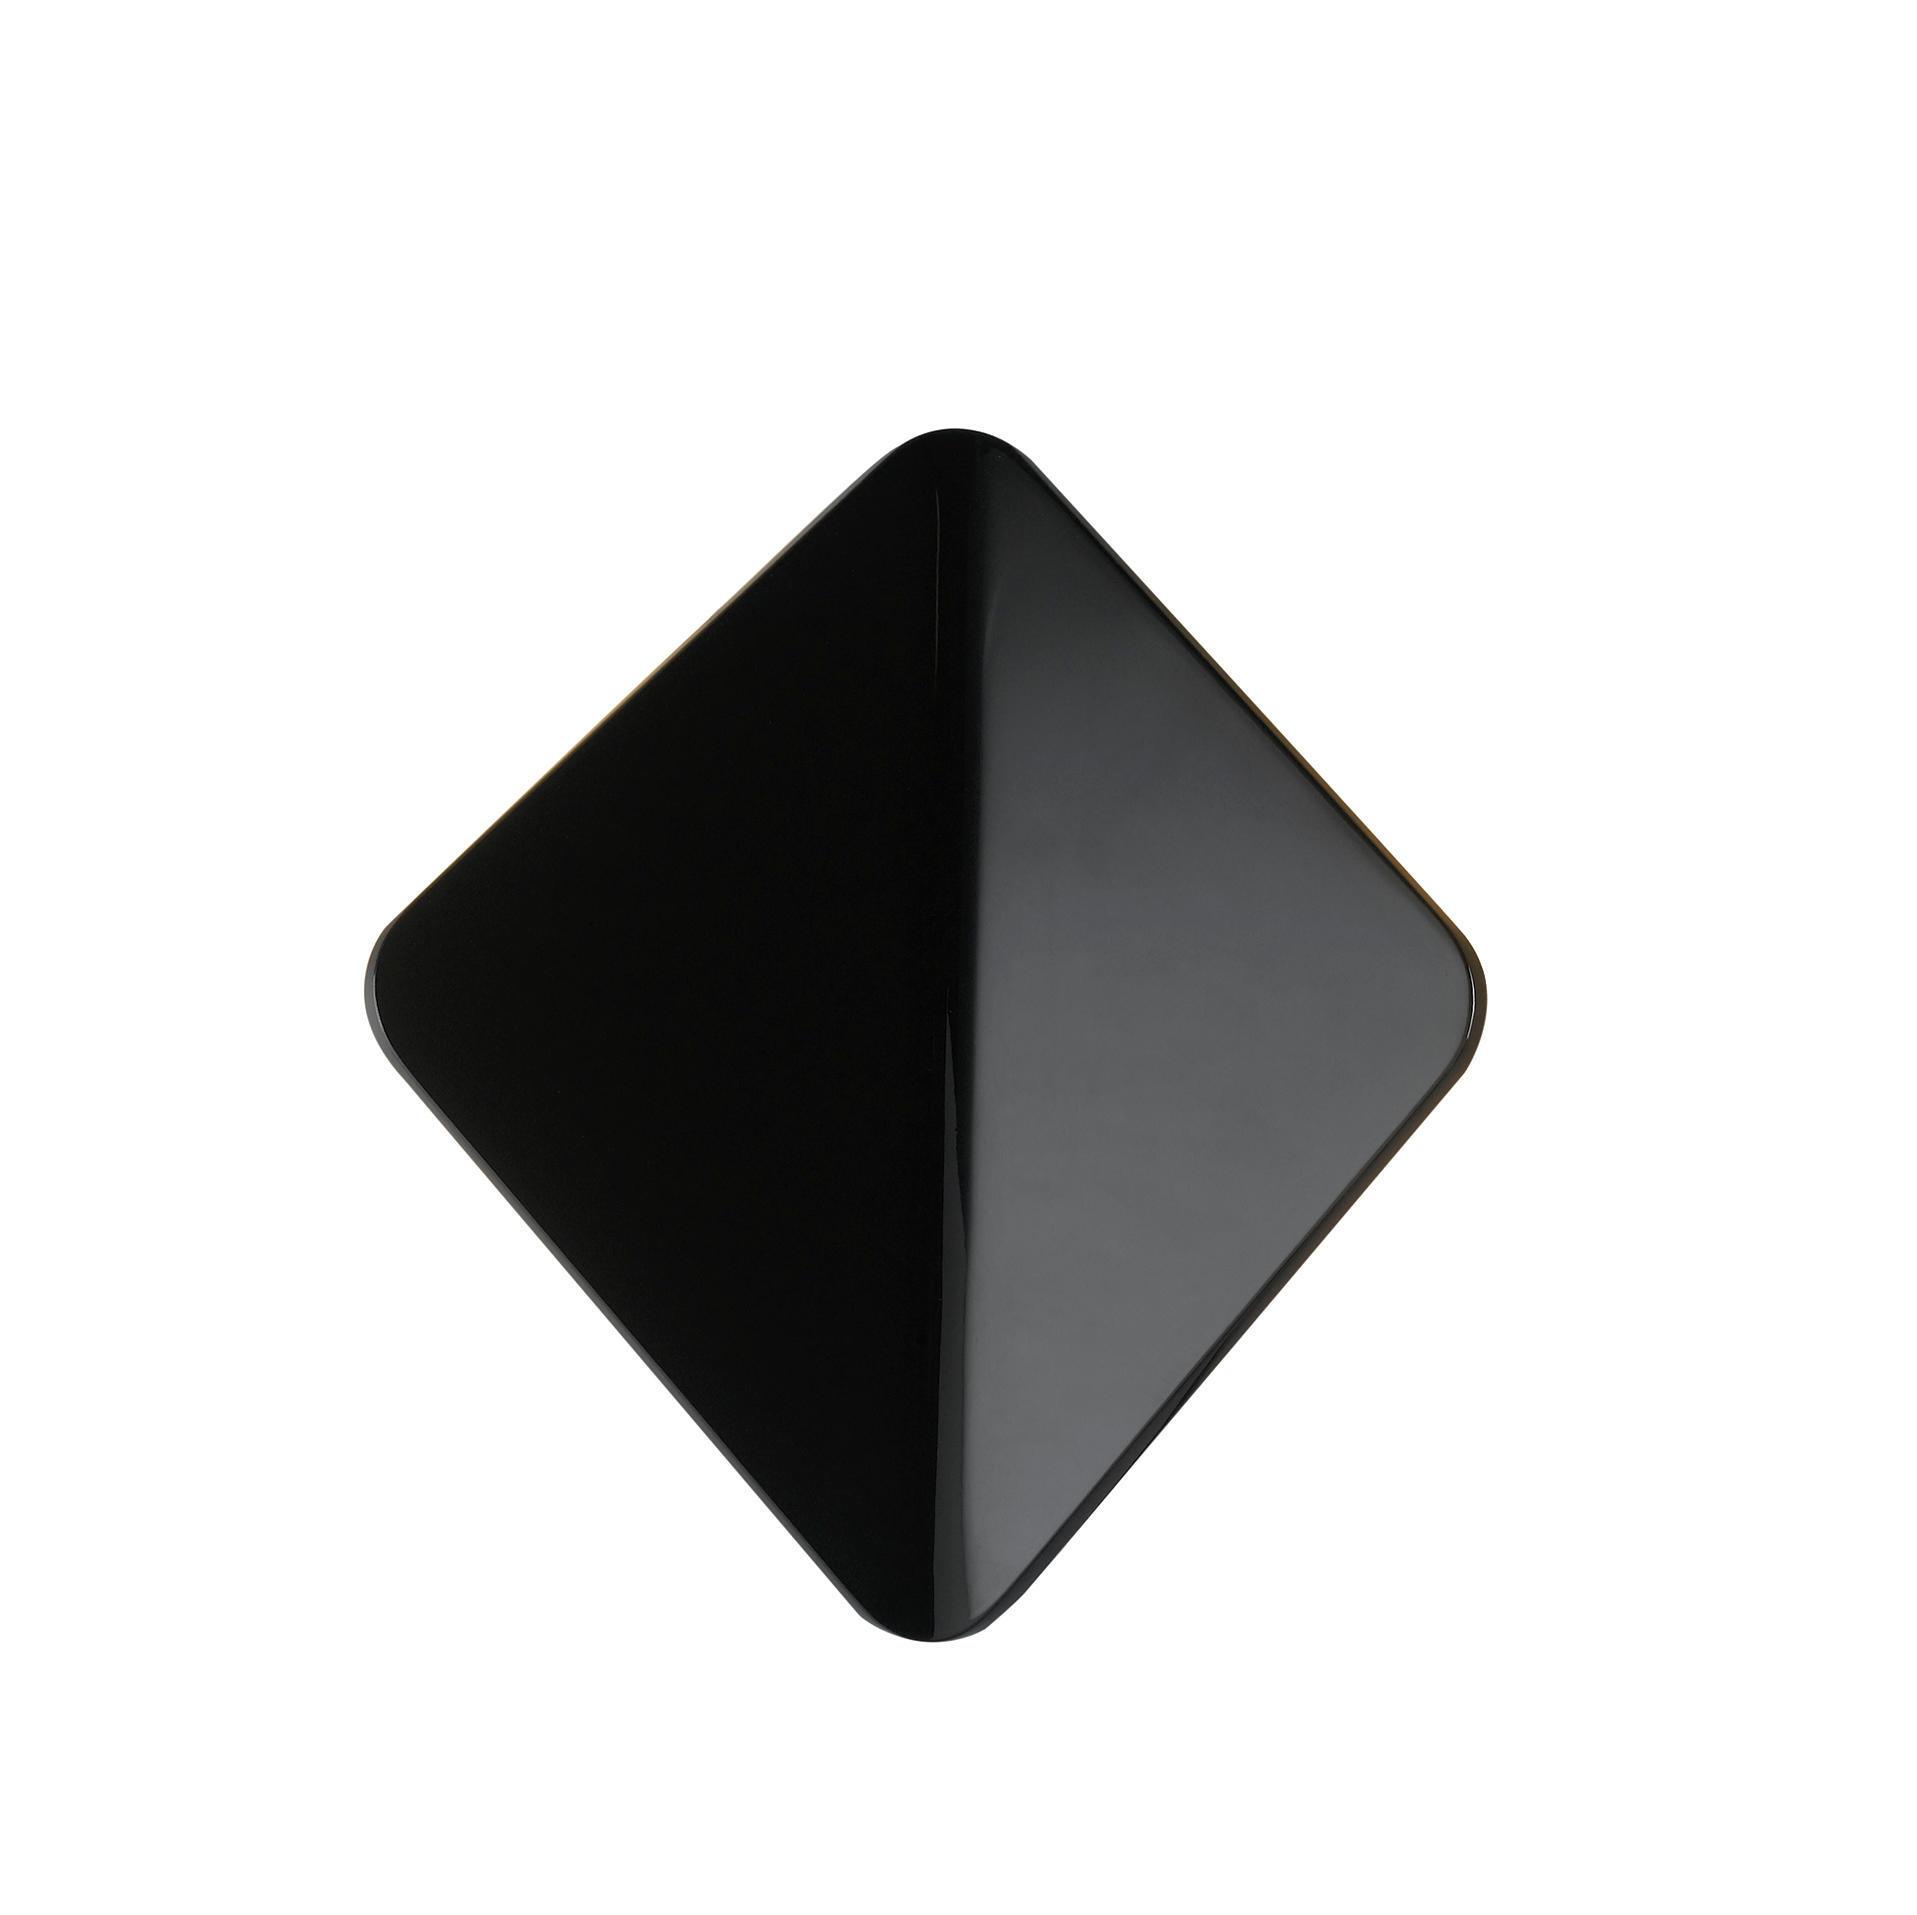 Applique Kite LED integrato in alluminio, nero, 40W 550LM IP54 INTEC - 5